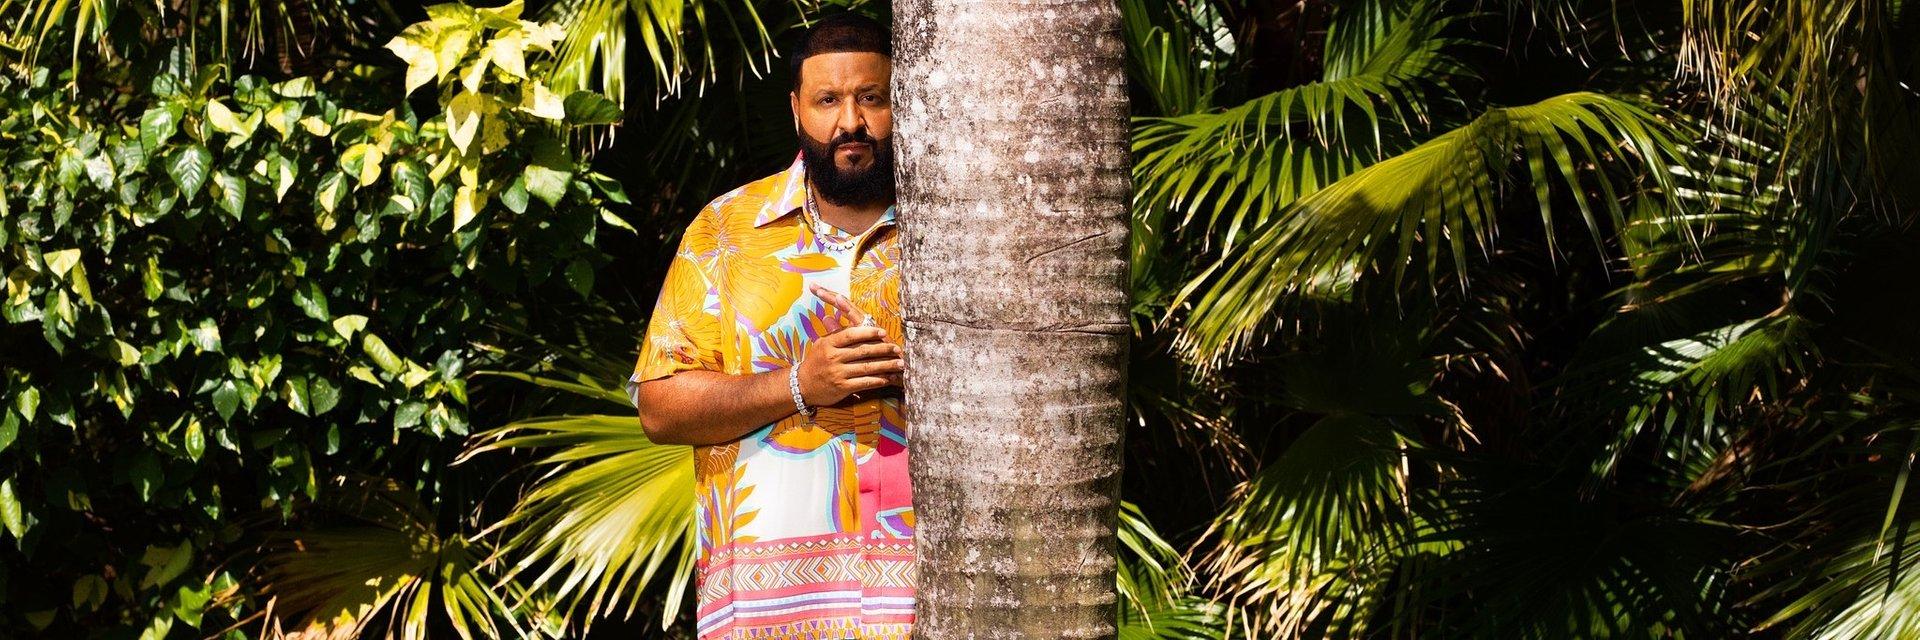 DJ Khaled z numerem 1 na Billboardzie!